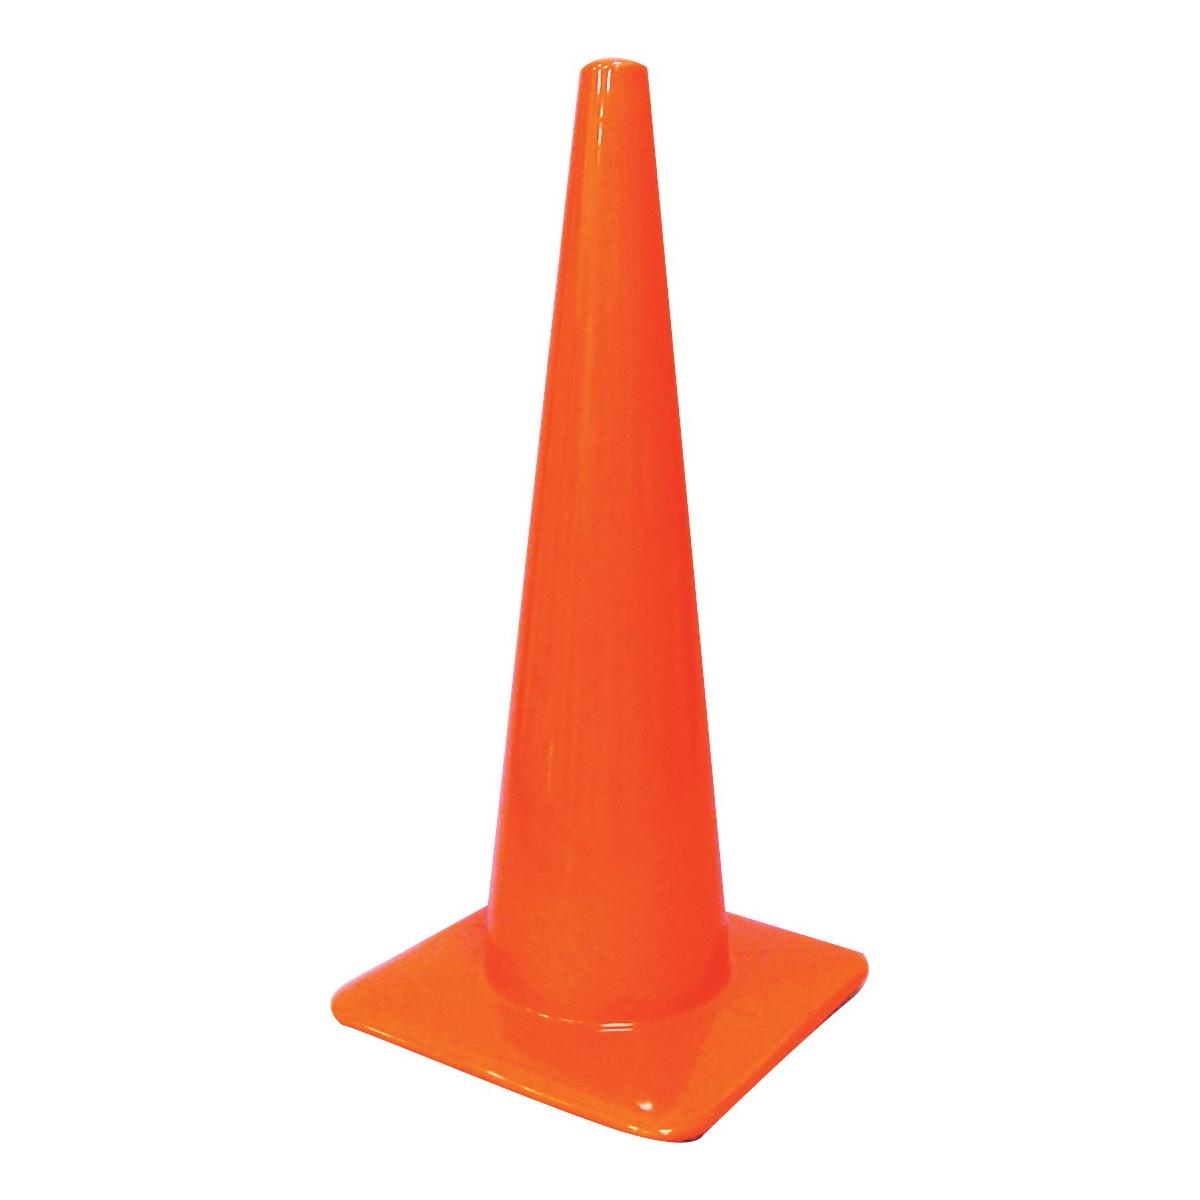 Picture of HY-KO SC-28 Traffic Safety Cone, 28 in H Cone, Vinyl Cone, Fluorescent Orange Cone